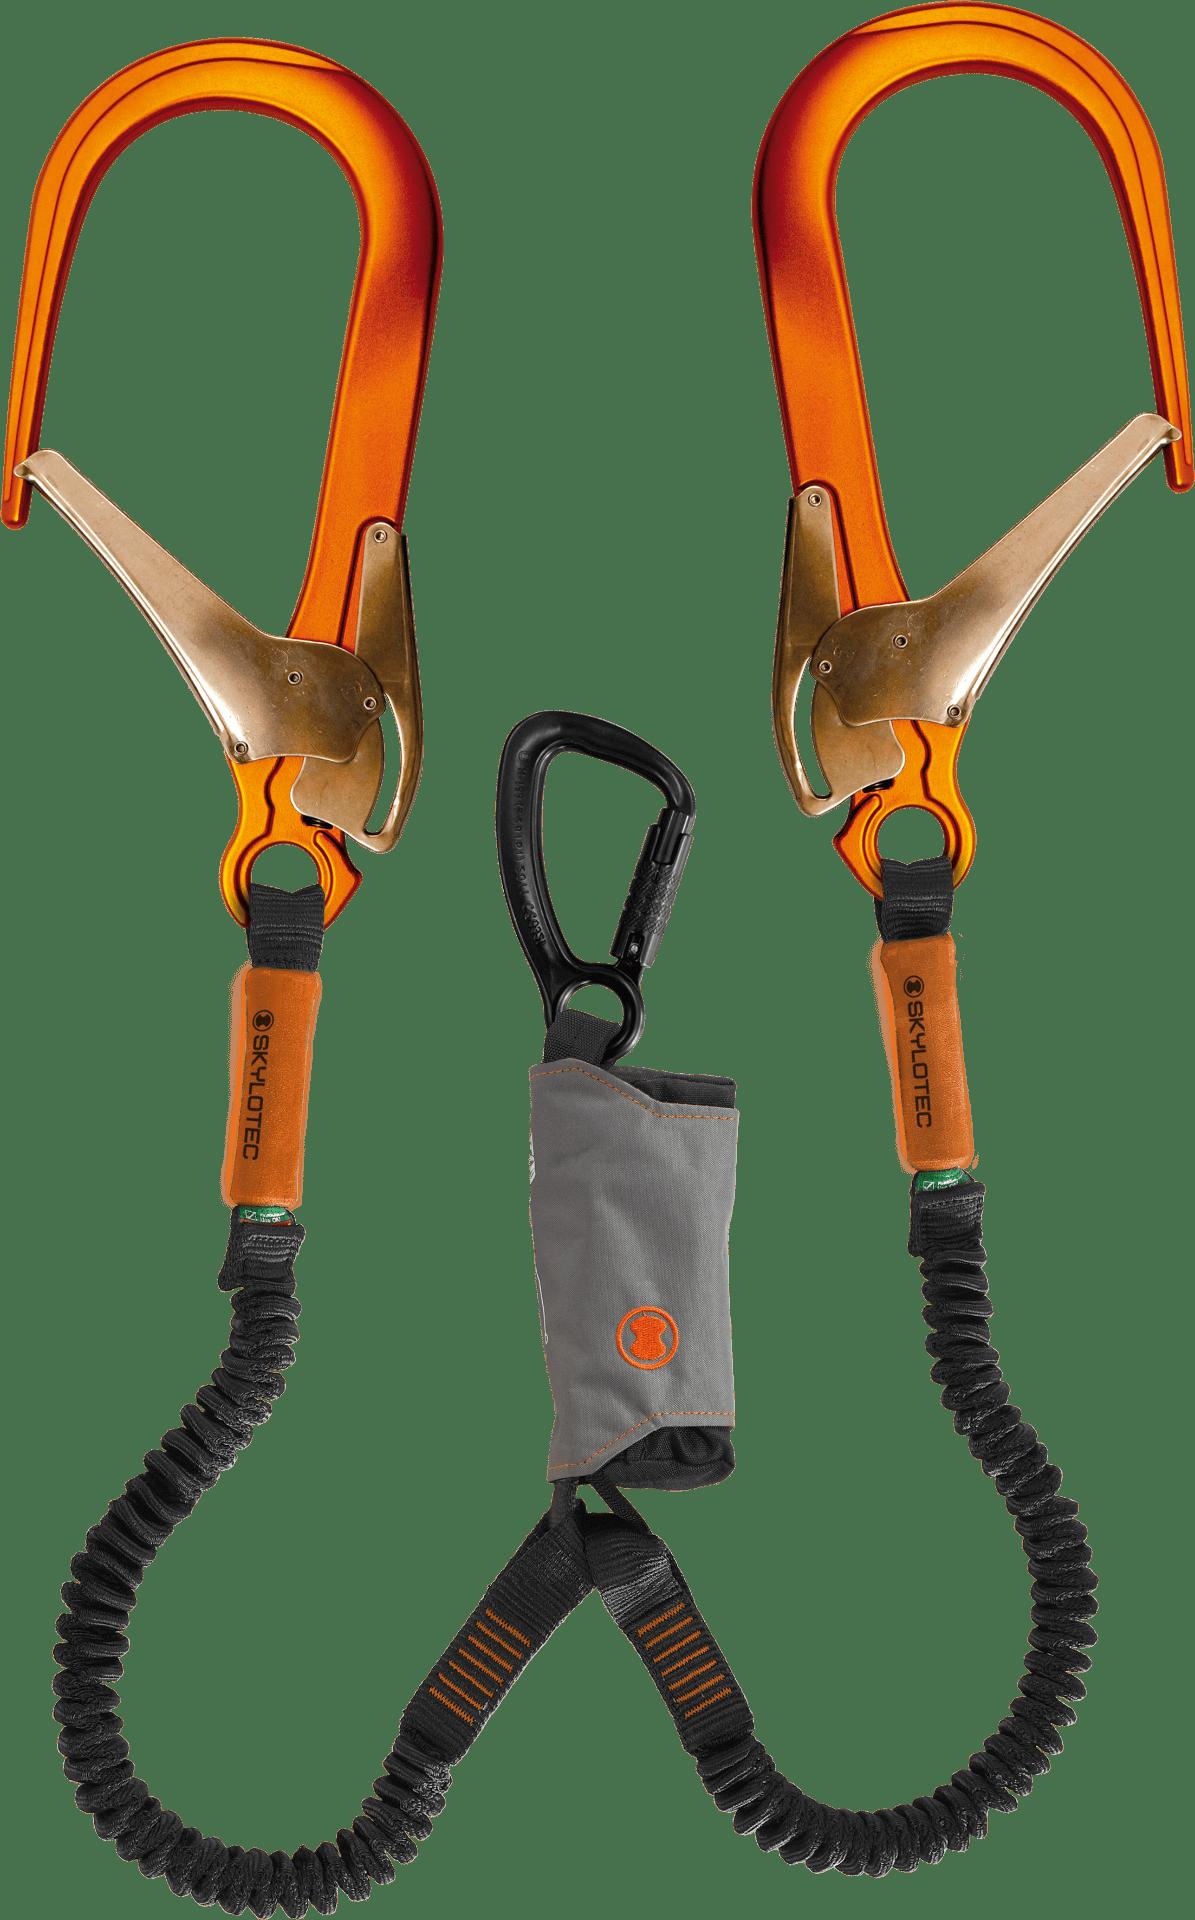 Personligt fallskydd ska användas när det finns risk för fall. För ett komplett fallskydd krävs ett system som består av fallskyddssele, förankringspunkt, falldämpare och en kopplingsanordning.